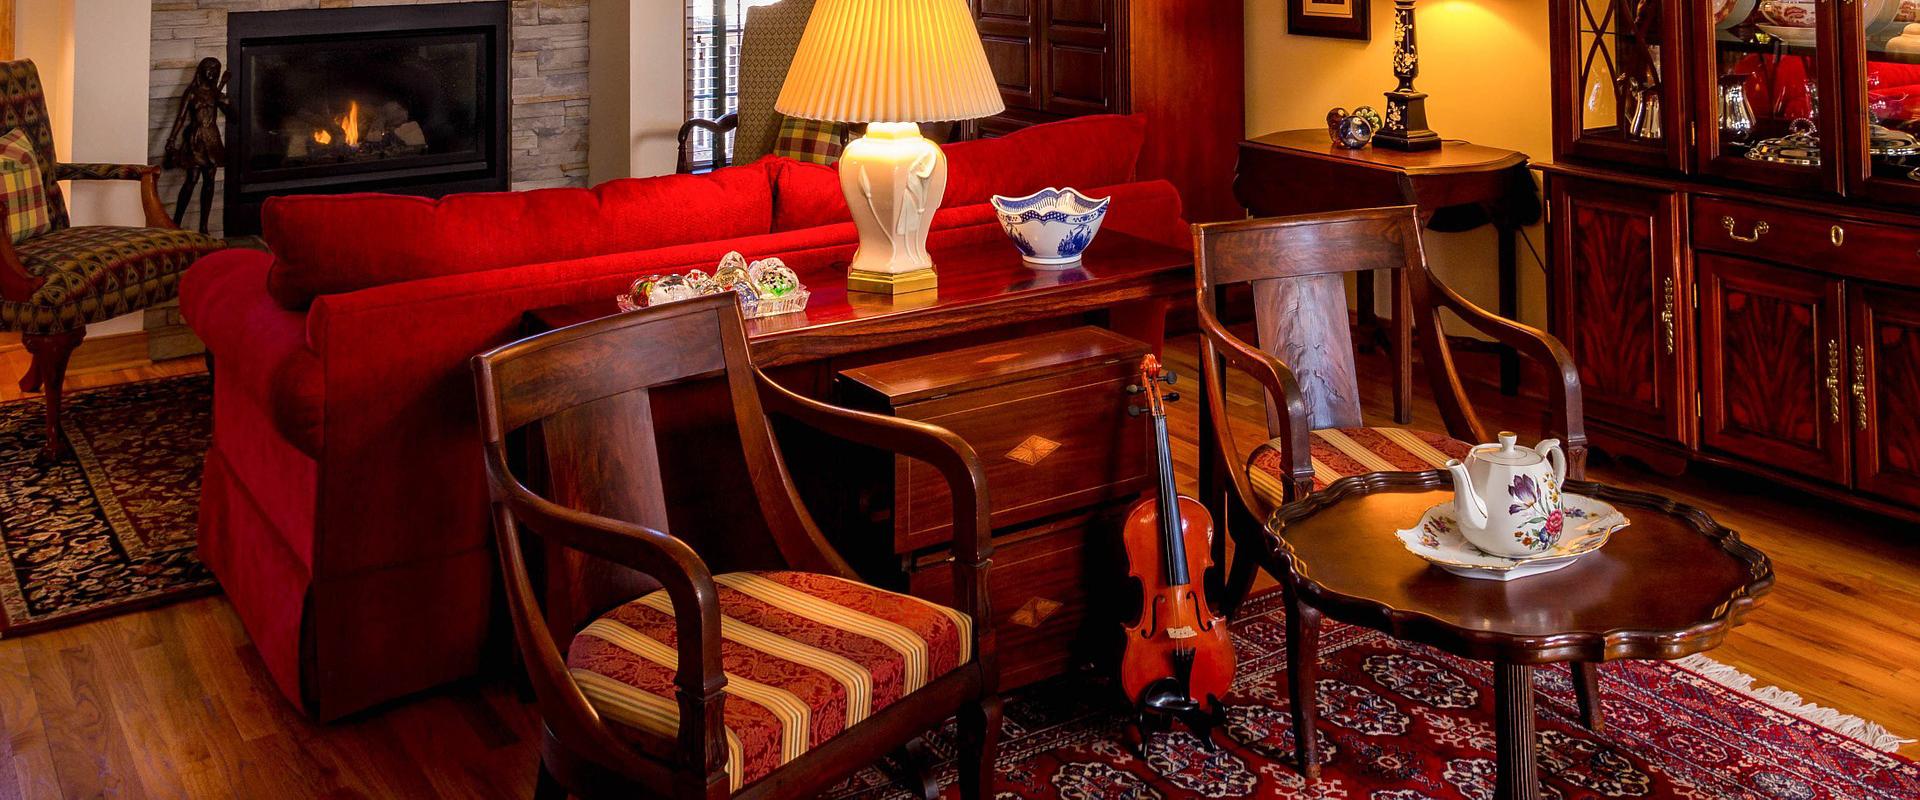 Muebles antiguos en valencia gallery of muebles antiguos for Muebles antiguos valencia